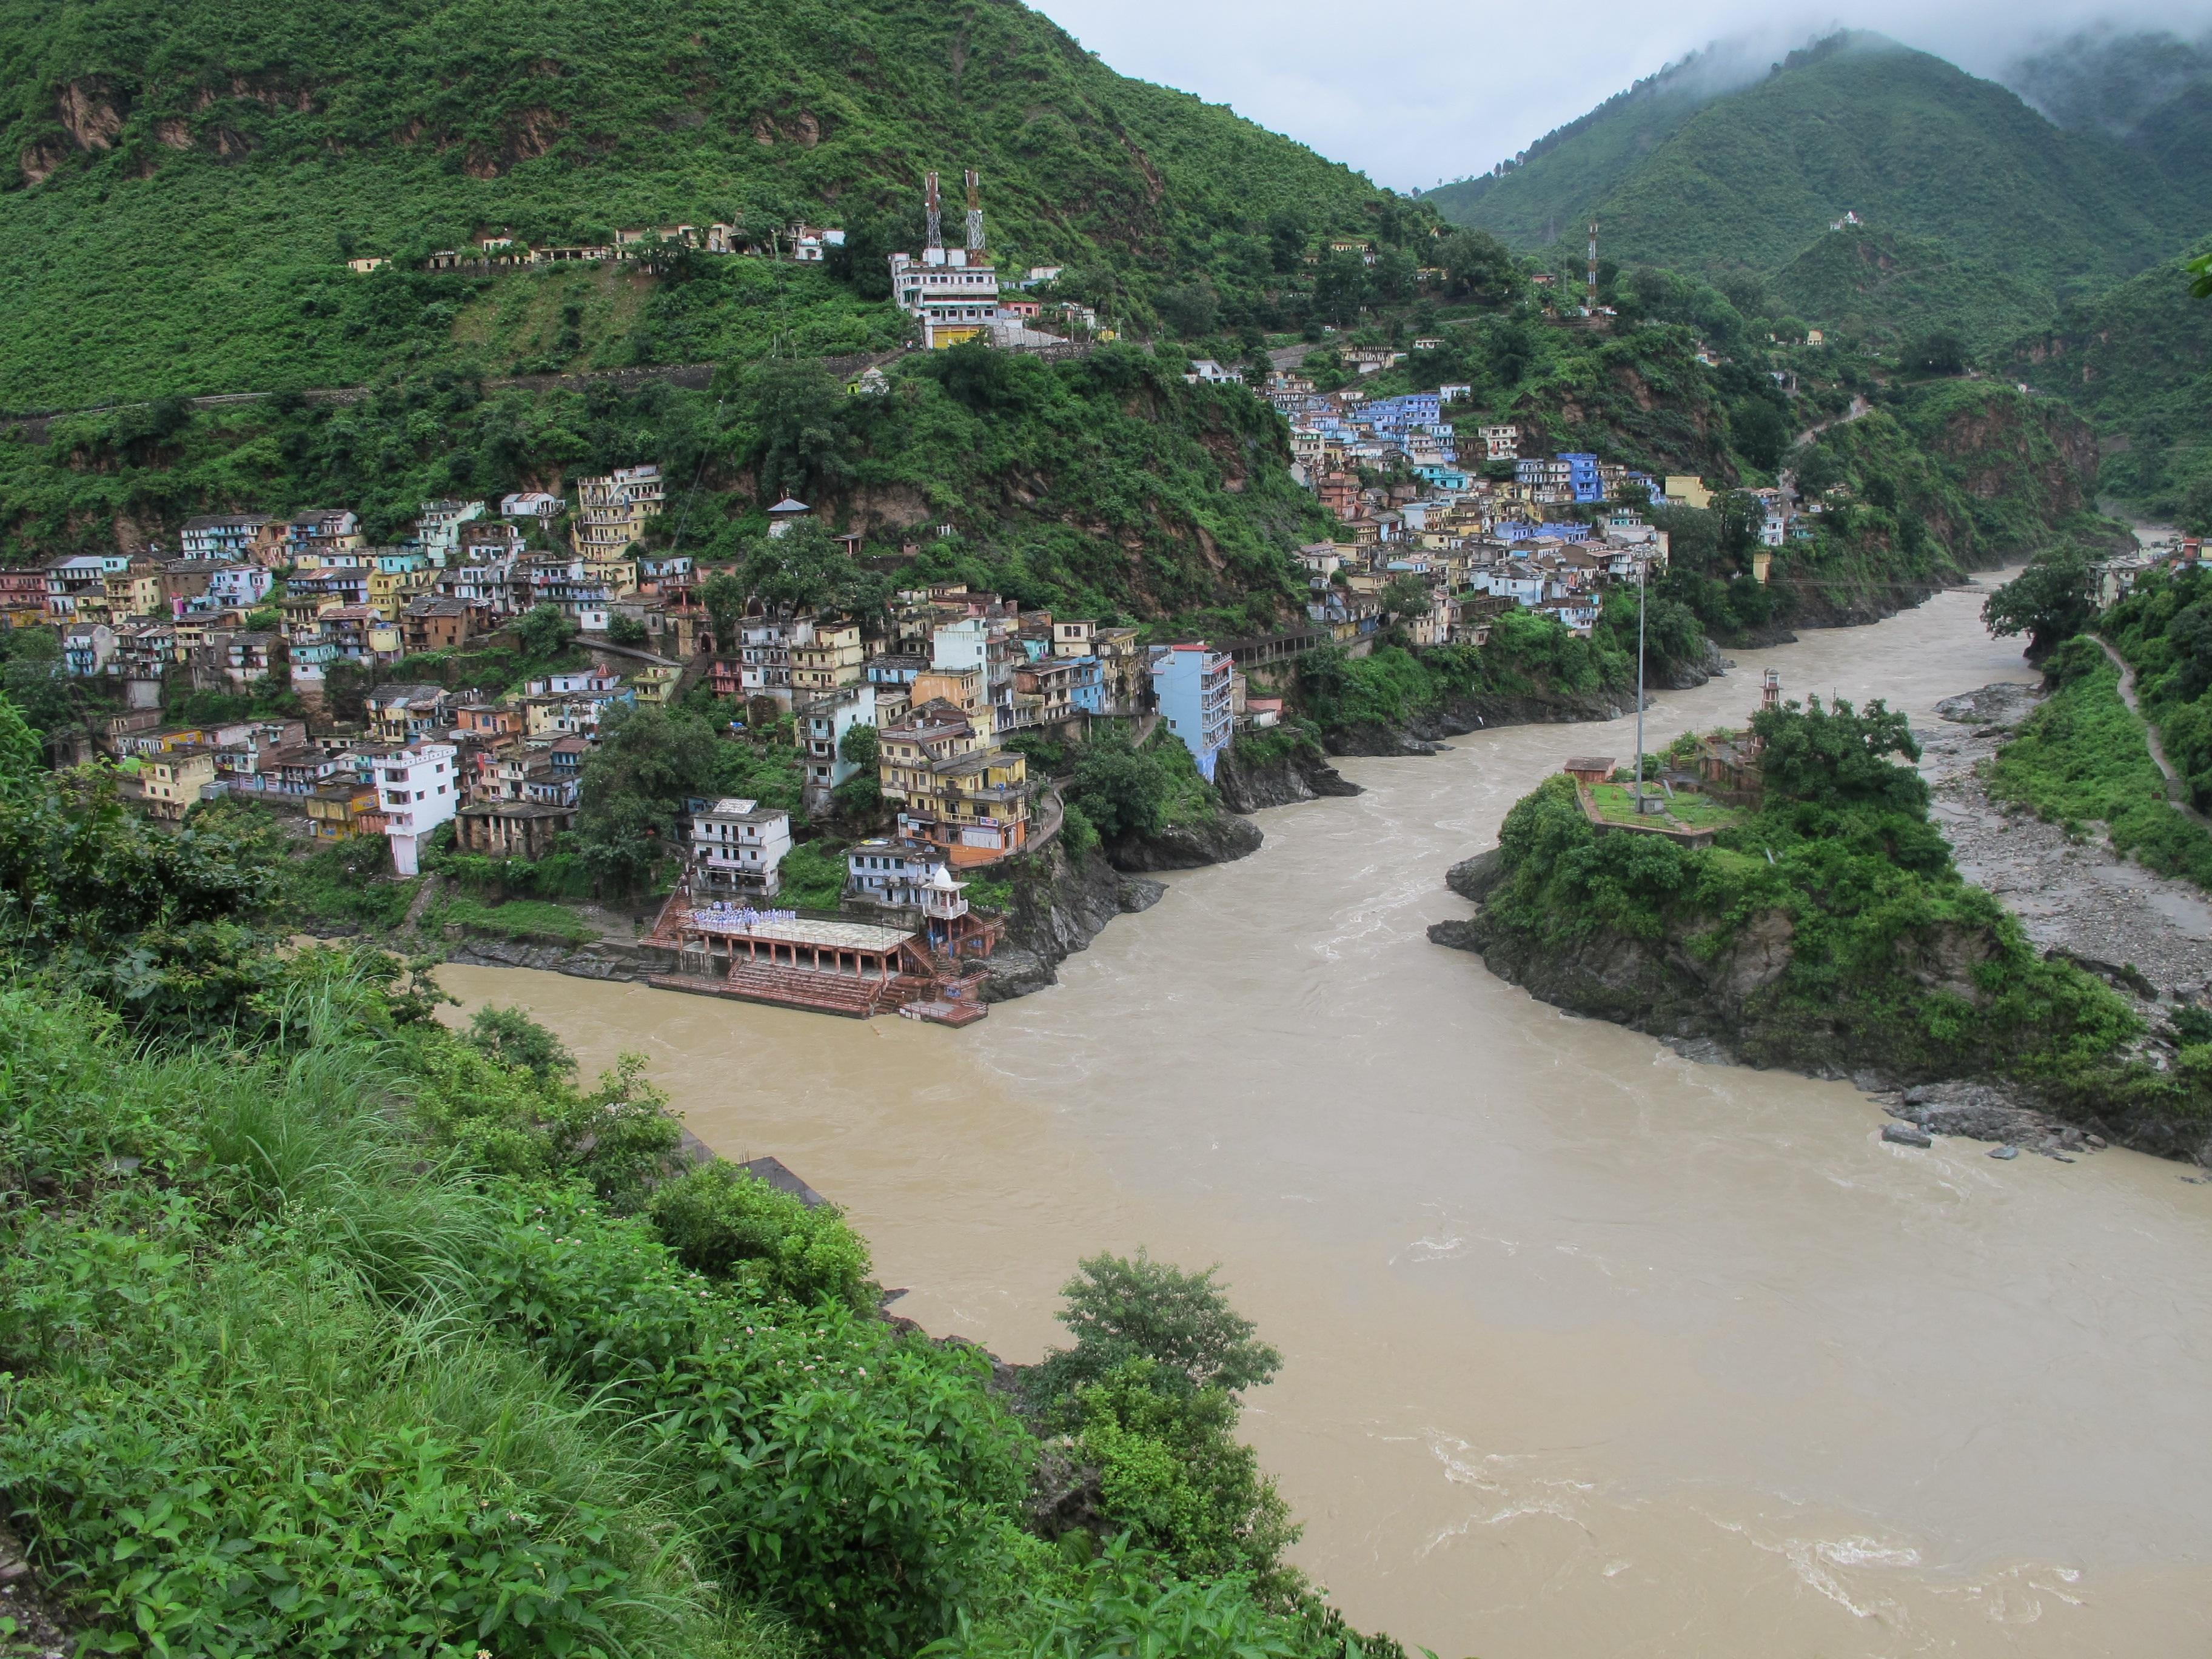 всего деревни в индии фото всегда прекрасна, стреляй